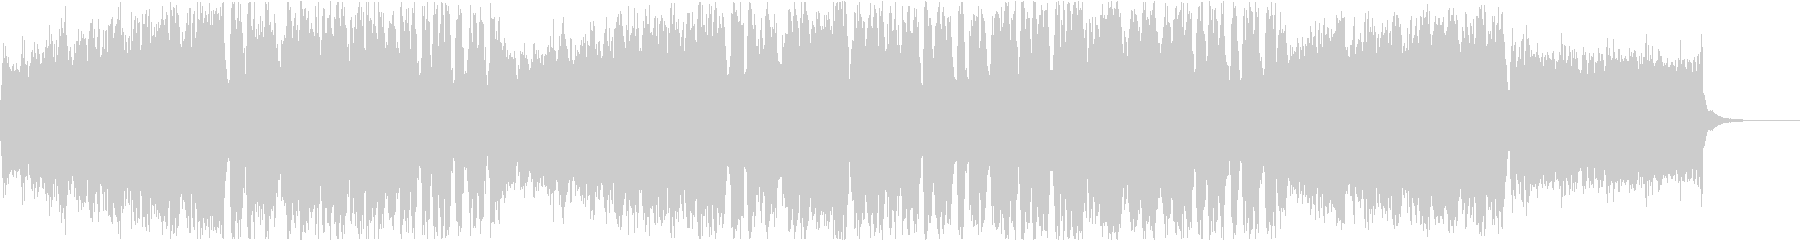 旧支配者のキャロル、オーケストラの未再生の波形